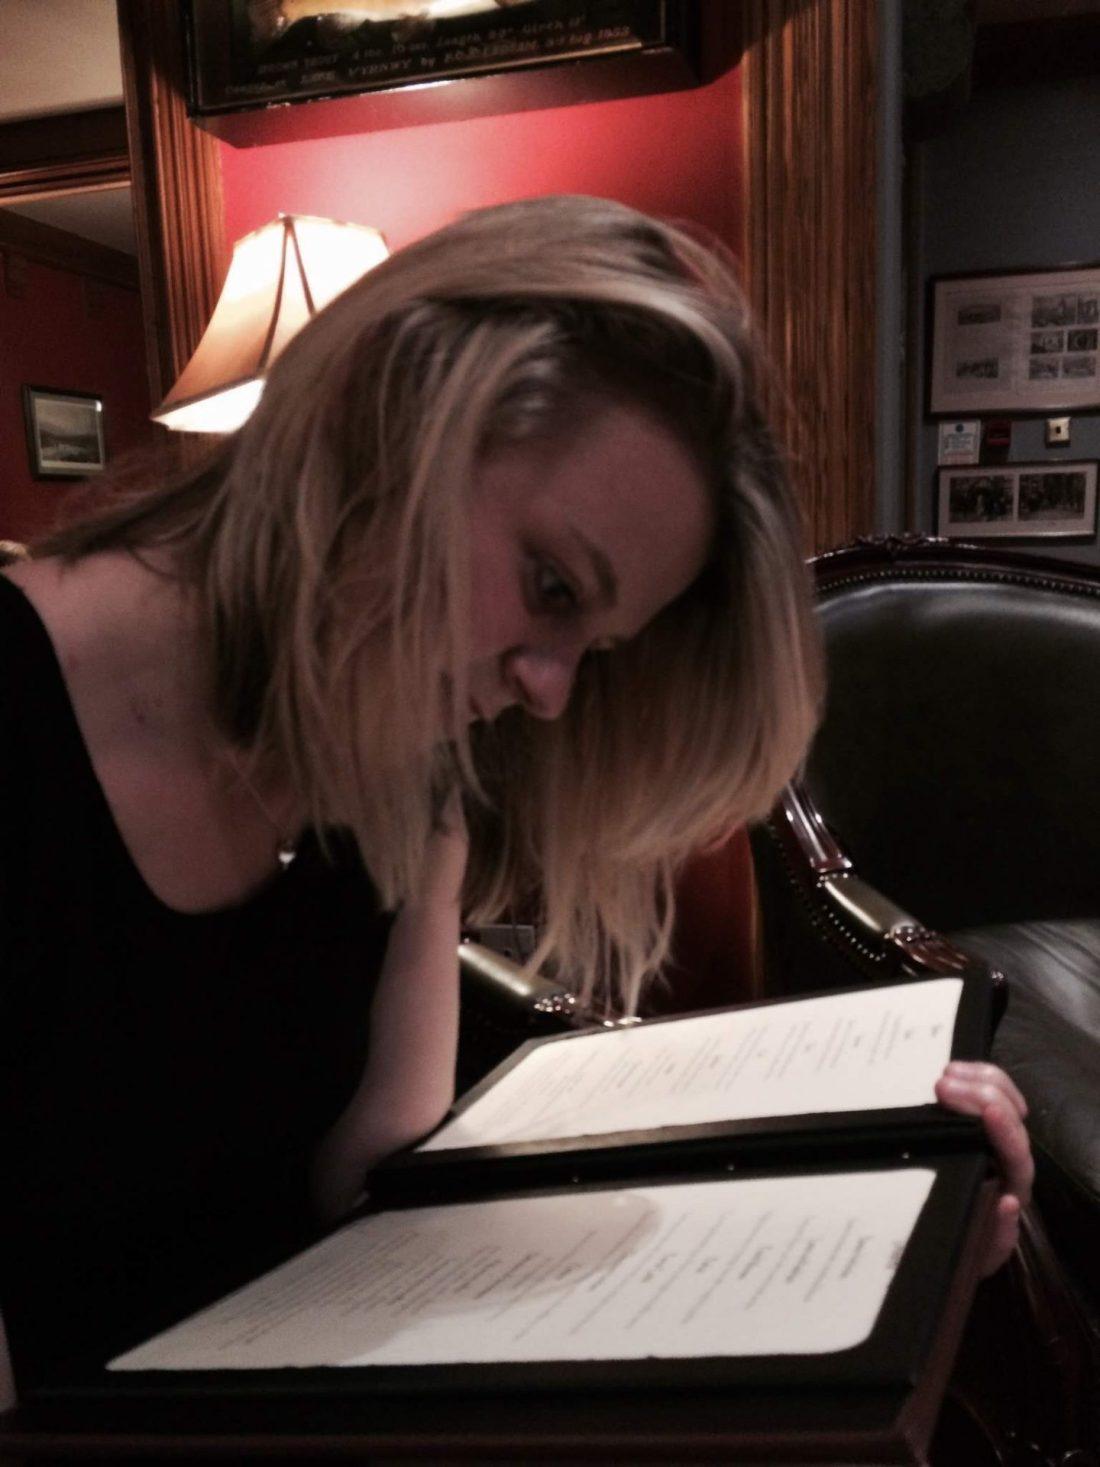 Laura looking at the menu